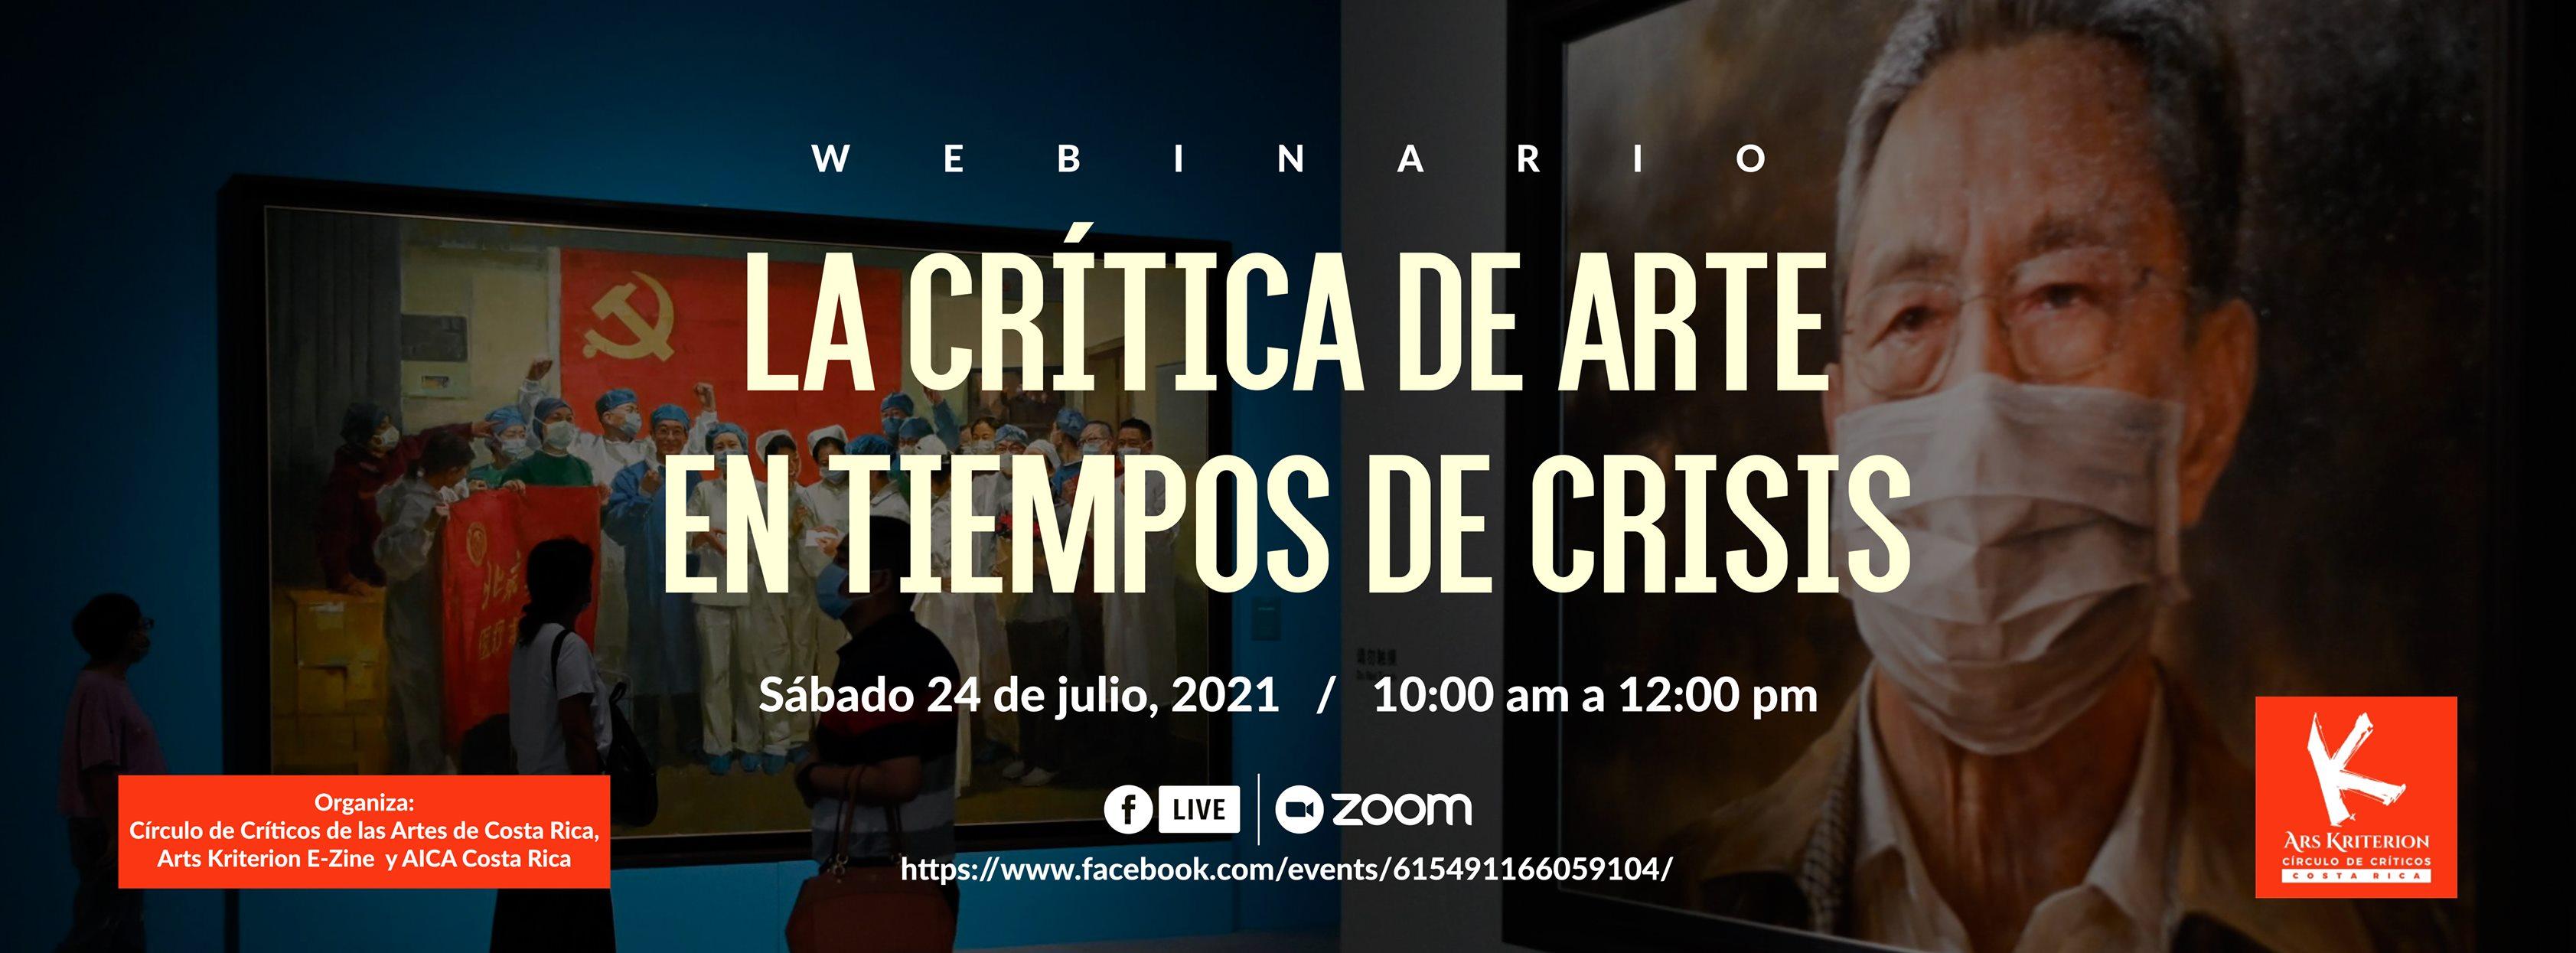 La Crítica de Arte en Tiempos de Crisis